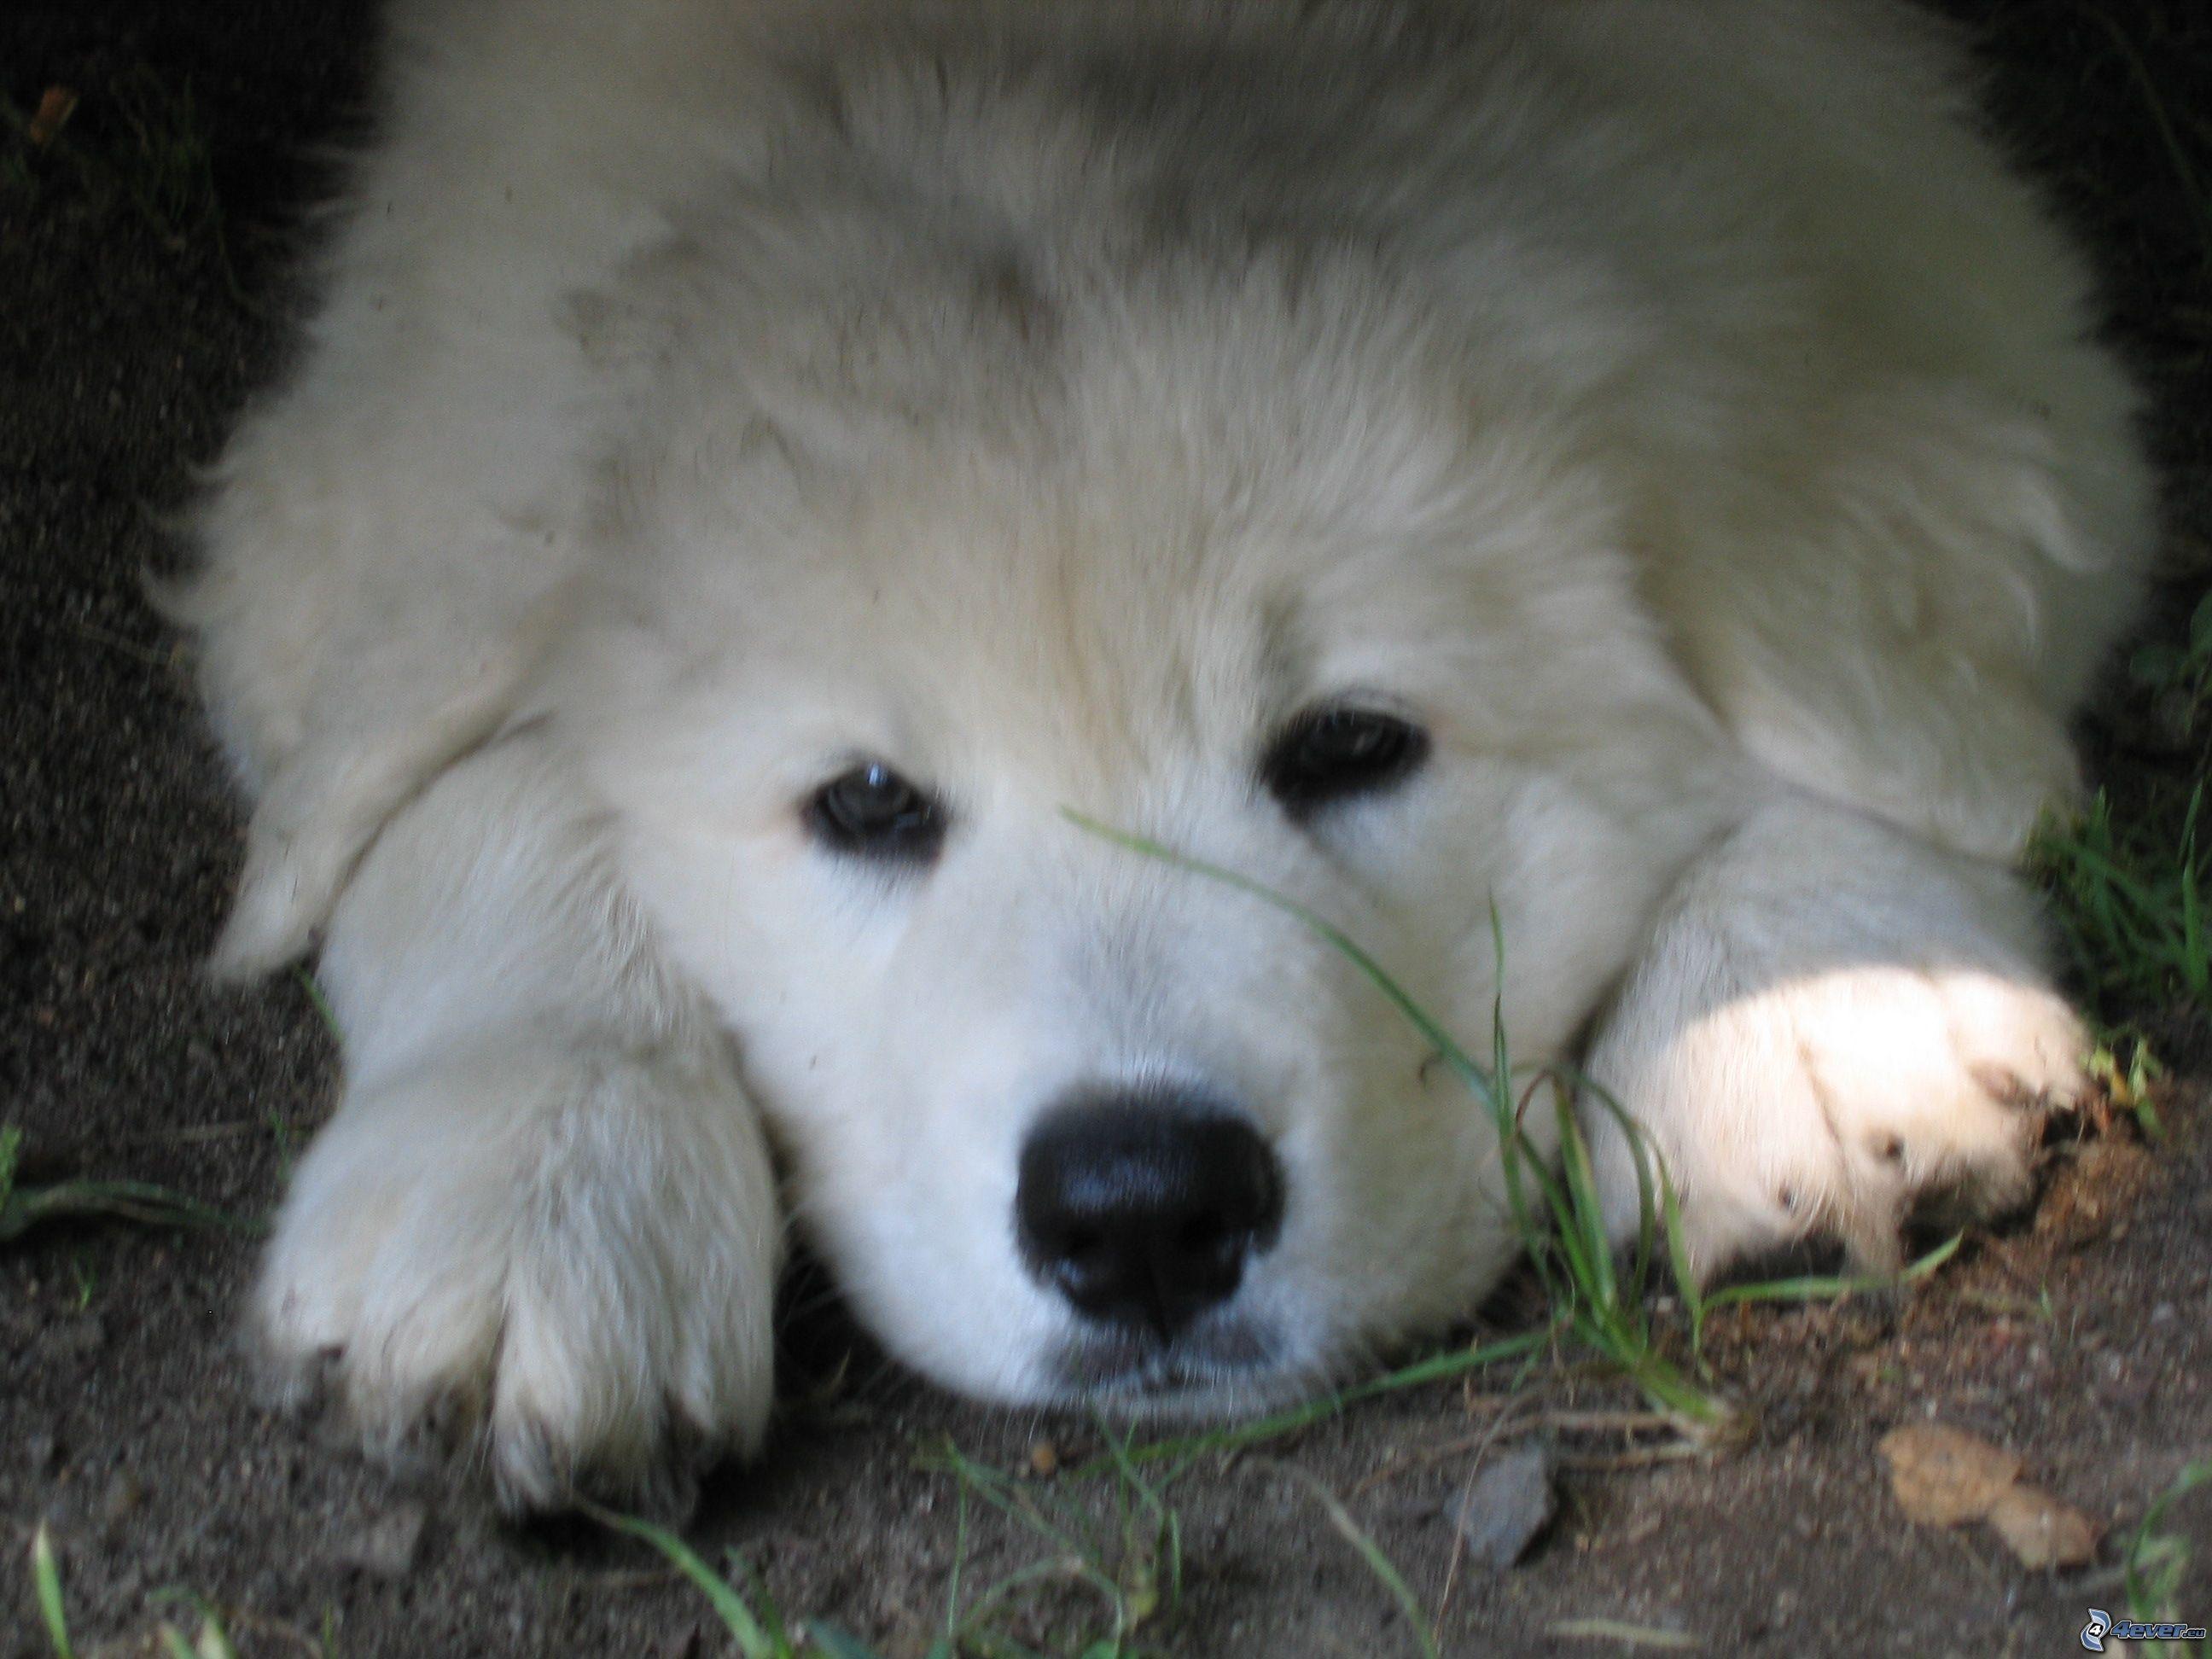 Slovak Cuvac Puppies: Slovak Slovensky Cuvac Puppies Breed